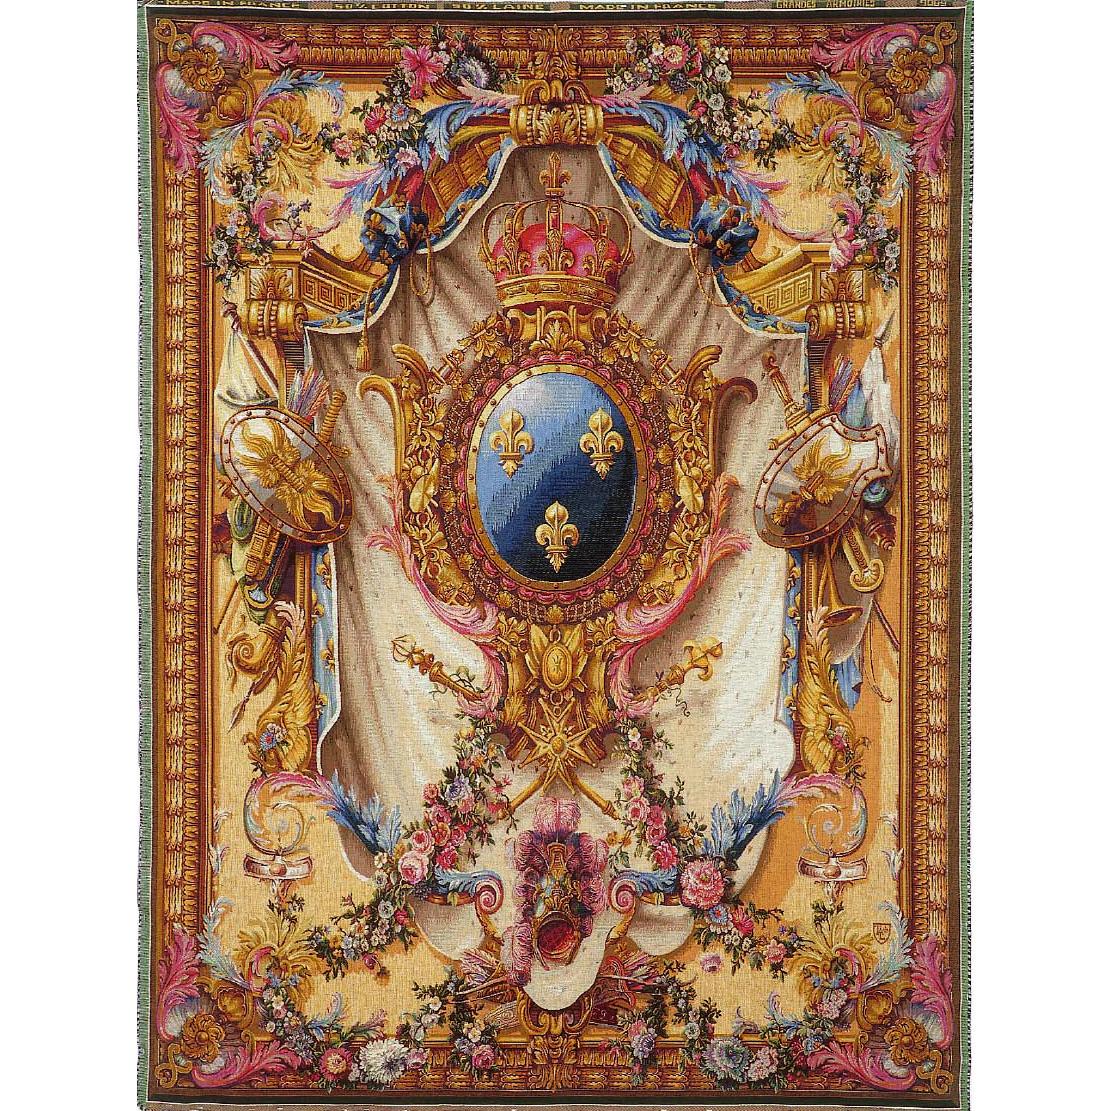 Art De Lys, Grandes Armoiries Ref. 9089<br>200 X 150 cm Х 150 X 110 cm<br>¬озможно размещение вместо королевских лилий ваших инициалов!